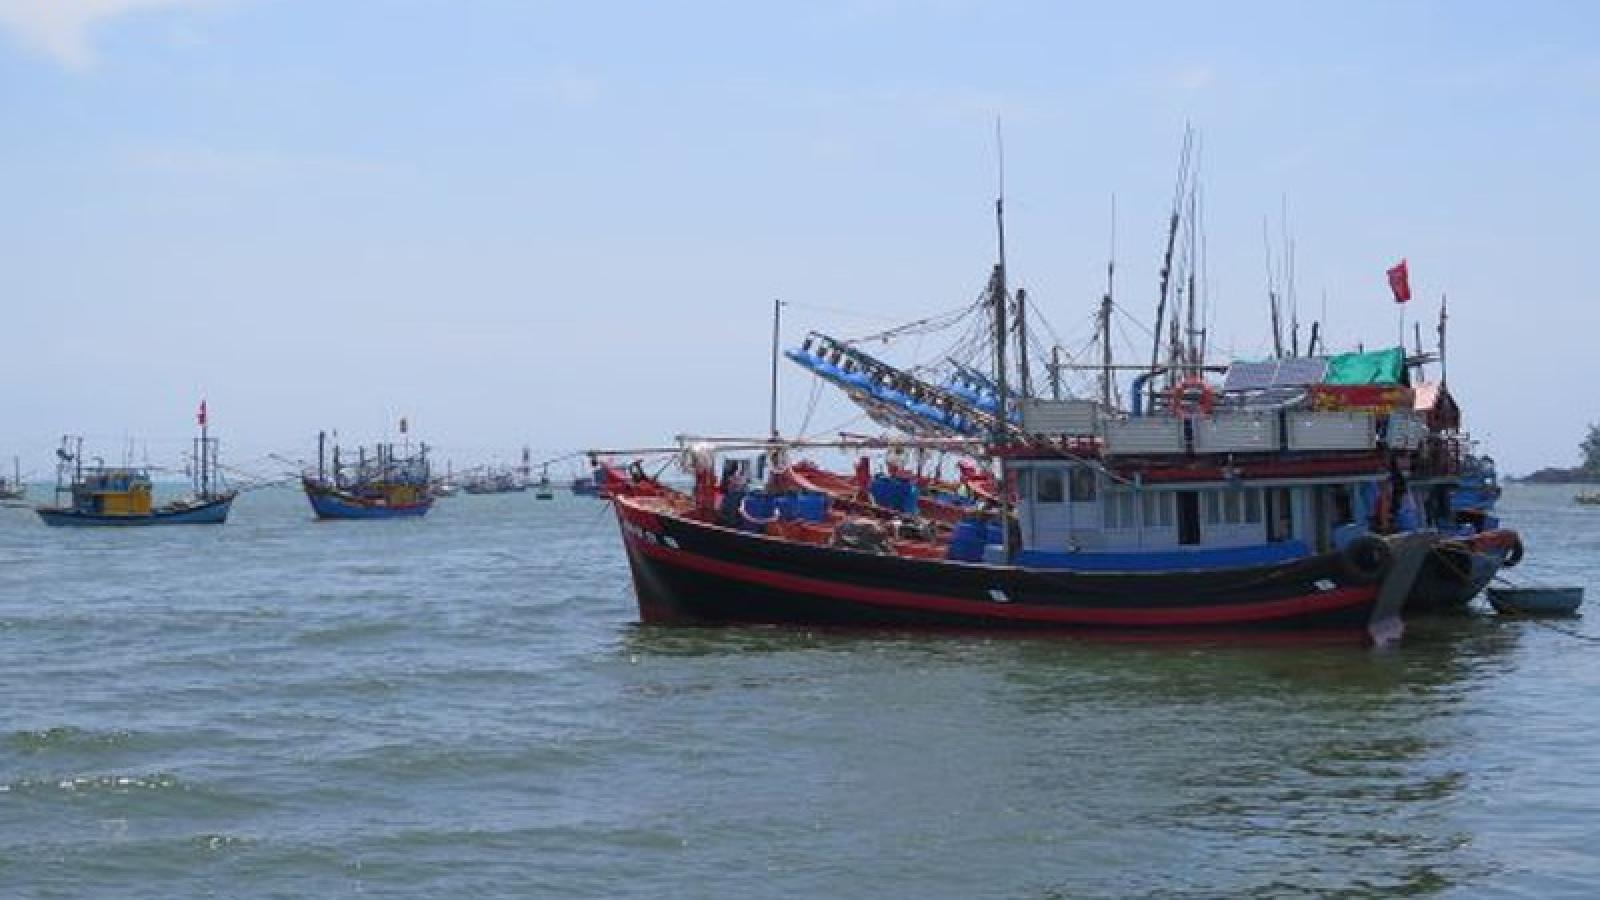 Hơn 2.000 tàu cá ở Quảng Ngãi không đăng ký, đăng kiểm